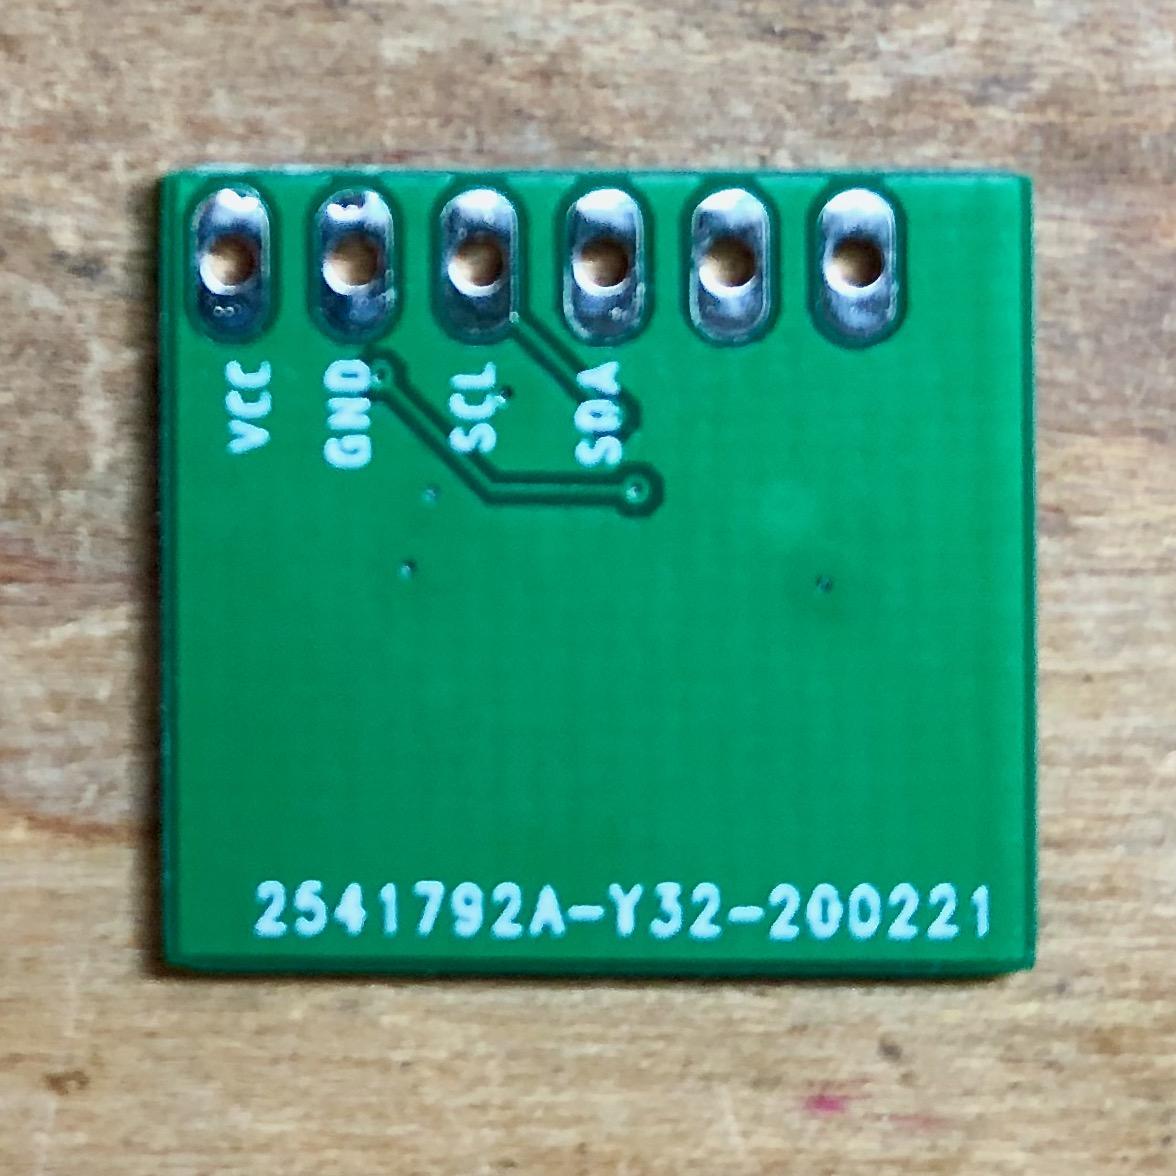 Sensor 6 Daughterboard Bottom